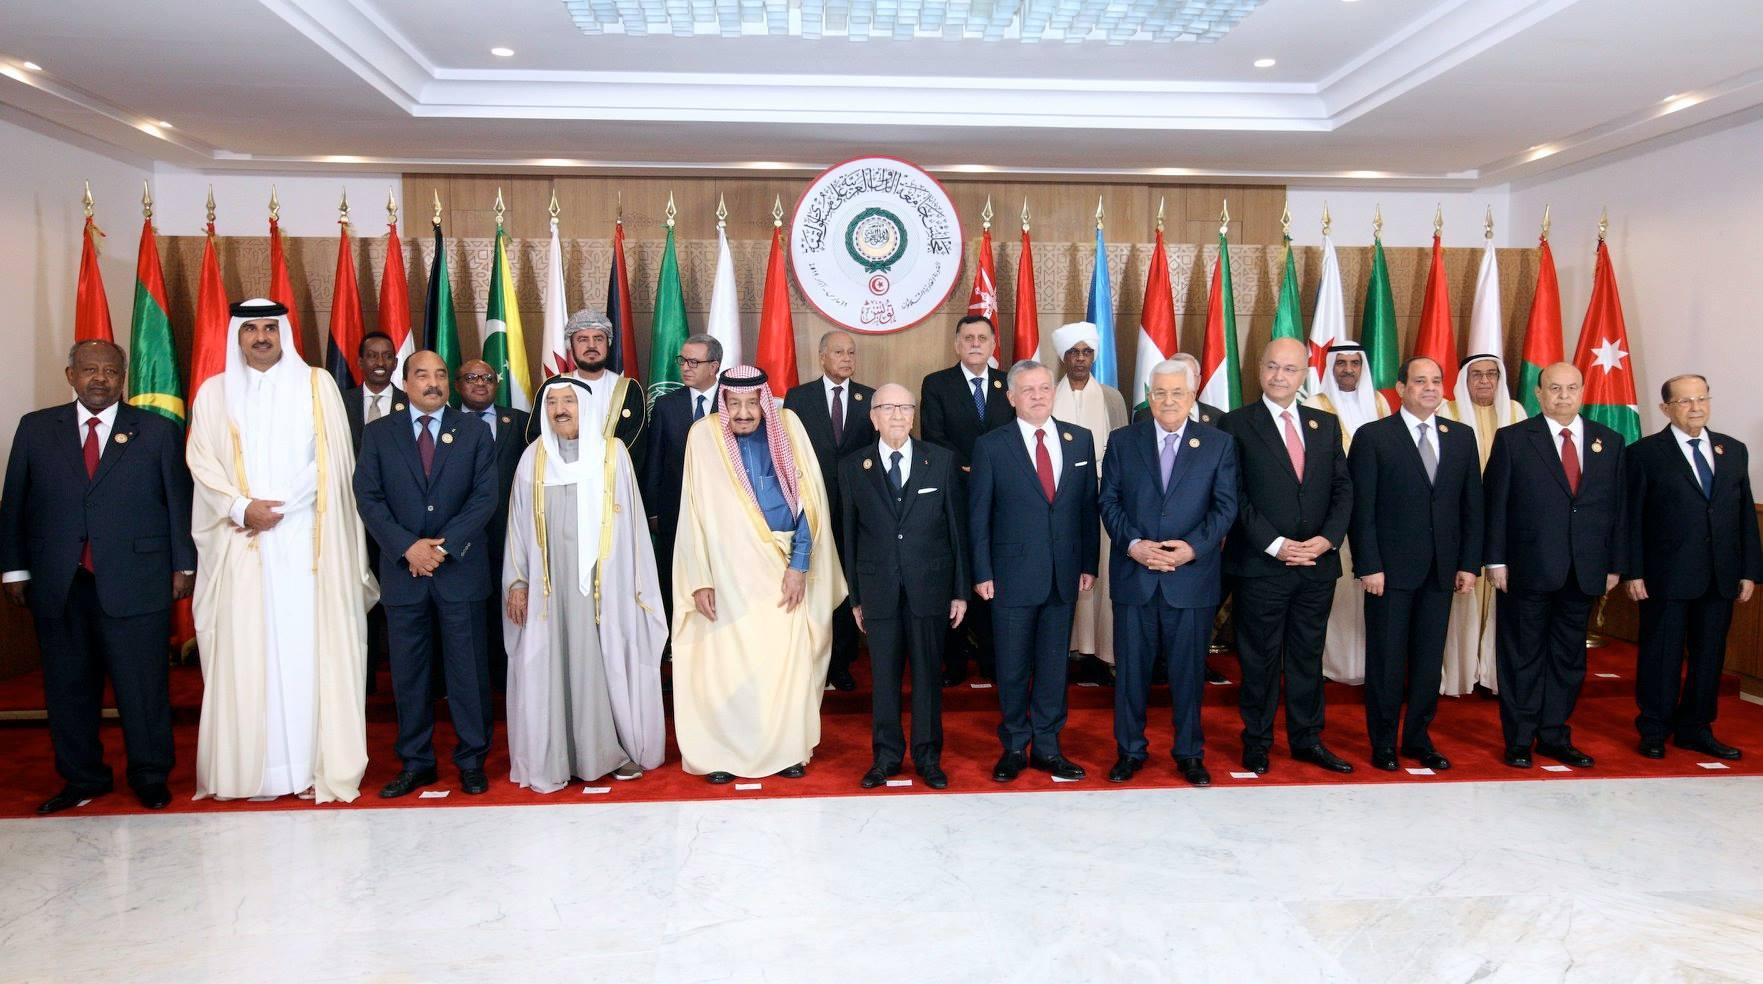 مسودة البيان الختامي للقمة: إدانة القرار الأمريكي.. وتواصل تغييب سوريا